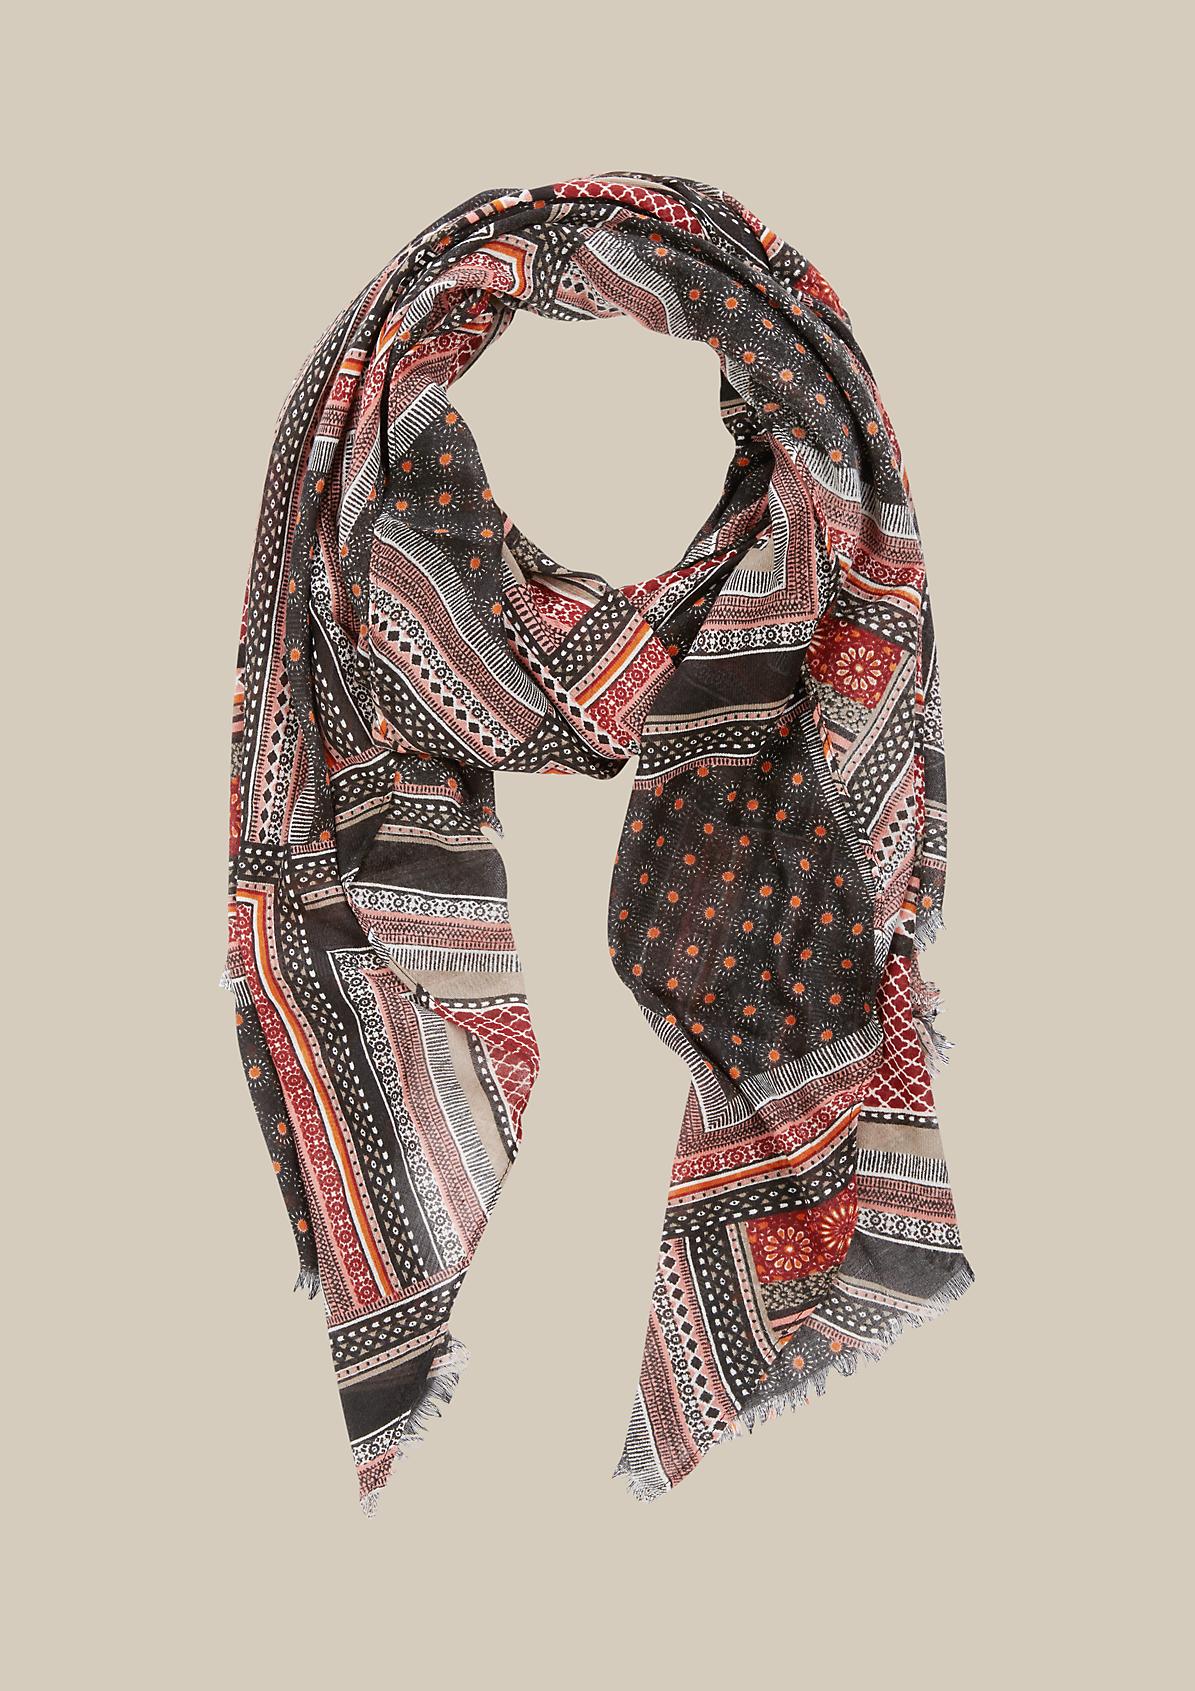 Zarter Schal mit farbenfrohem Muster